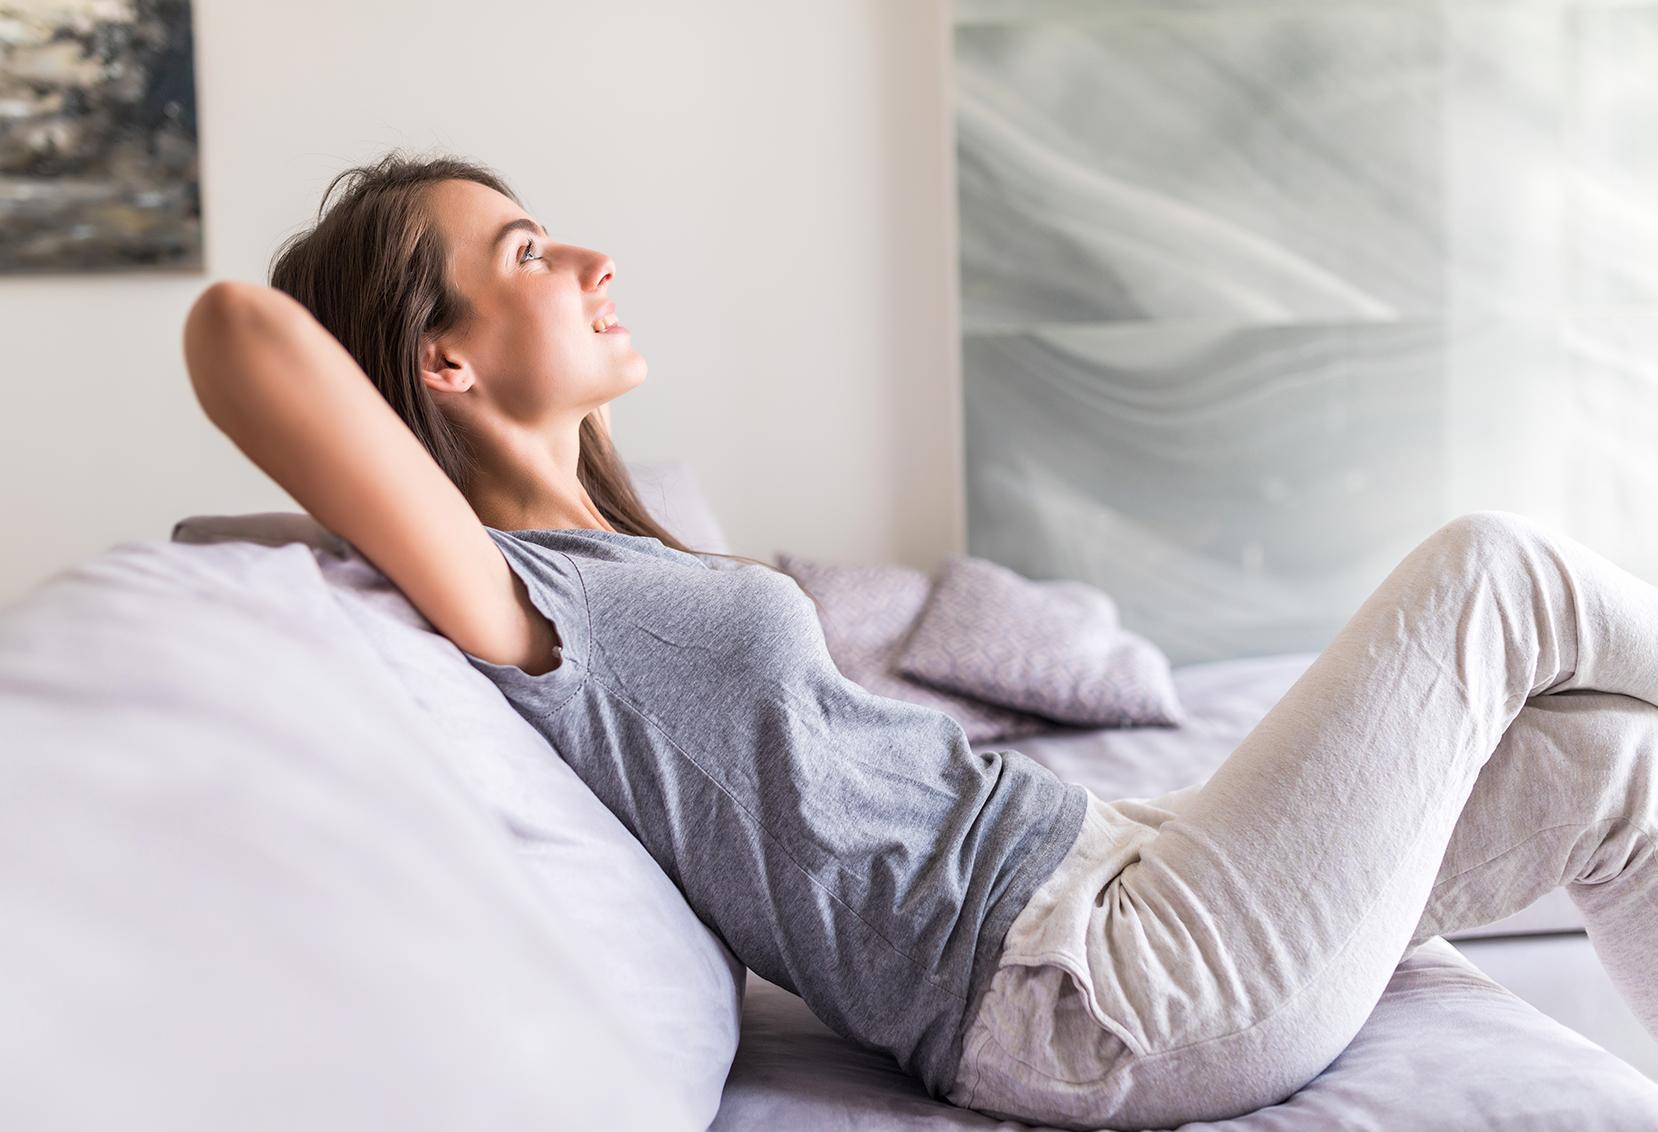 Relaxar: Você Sabe A Importância Desse Momento?